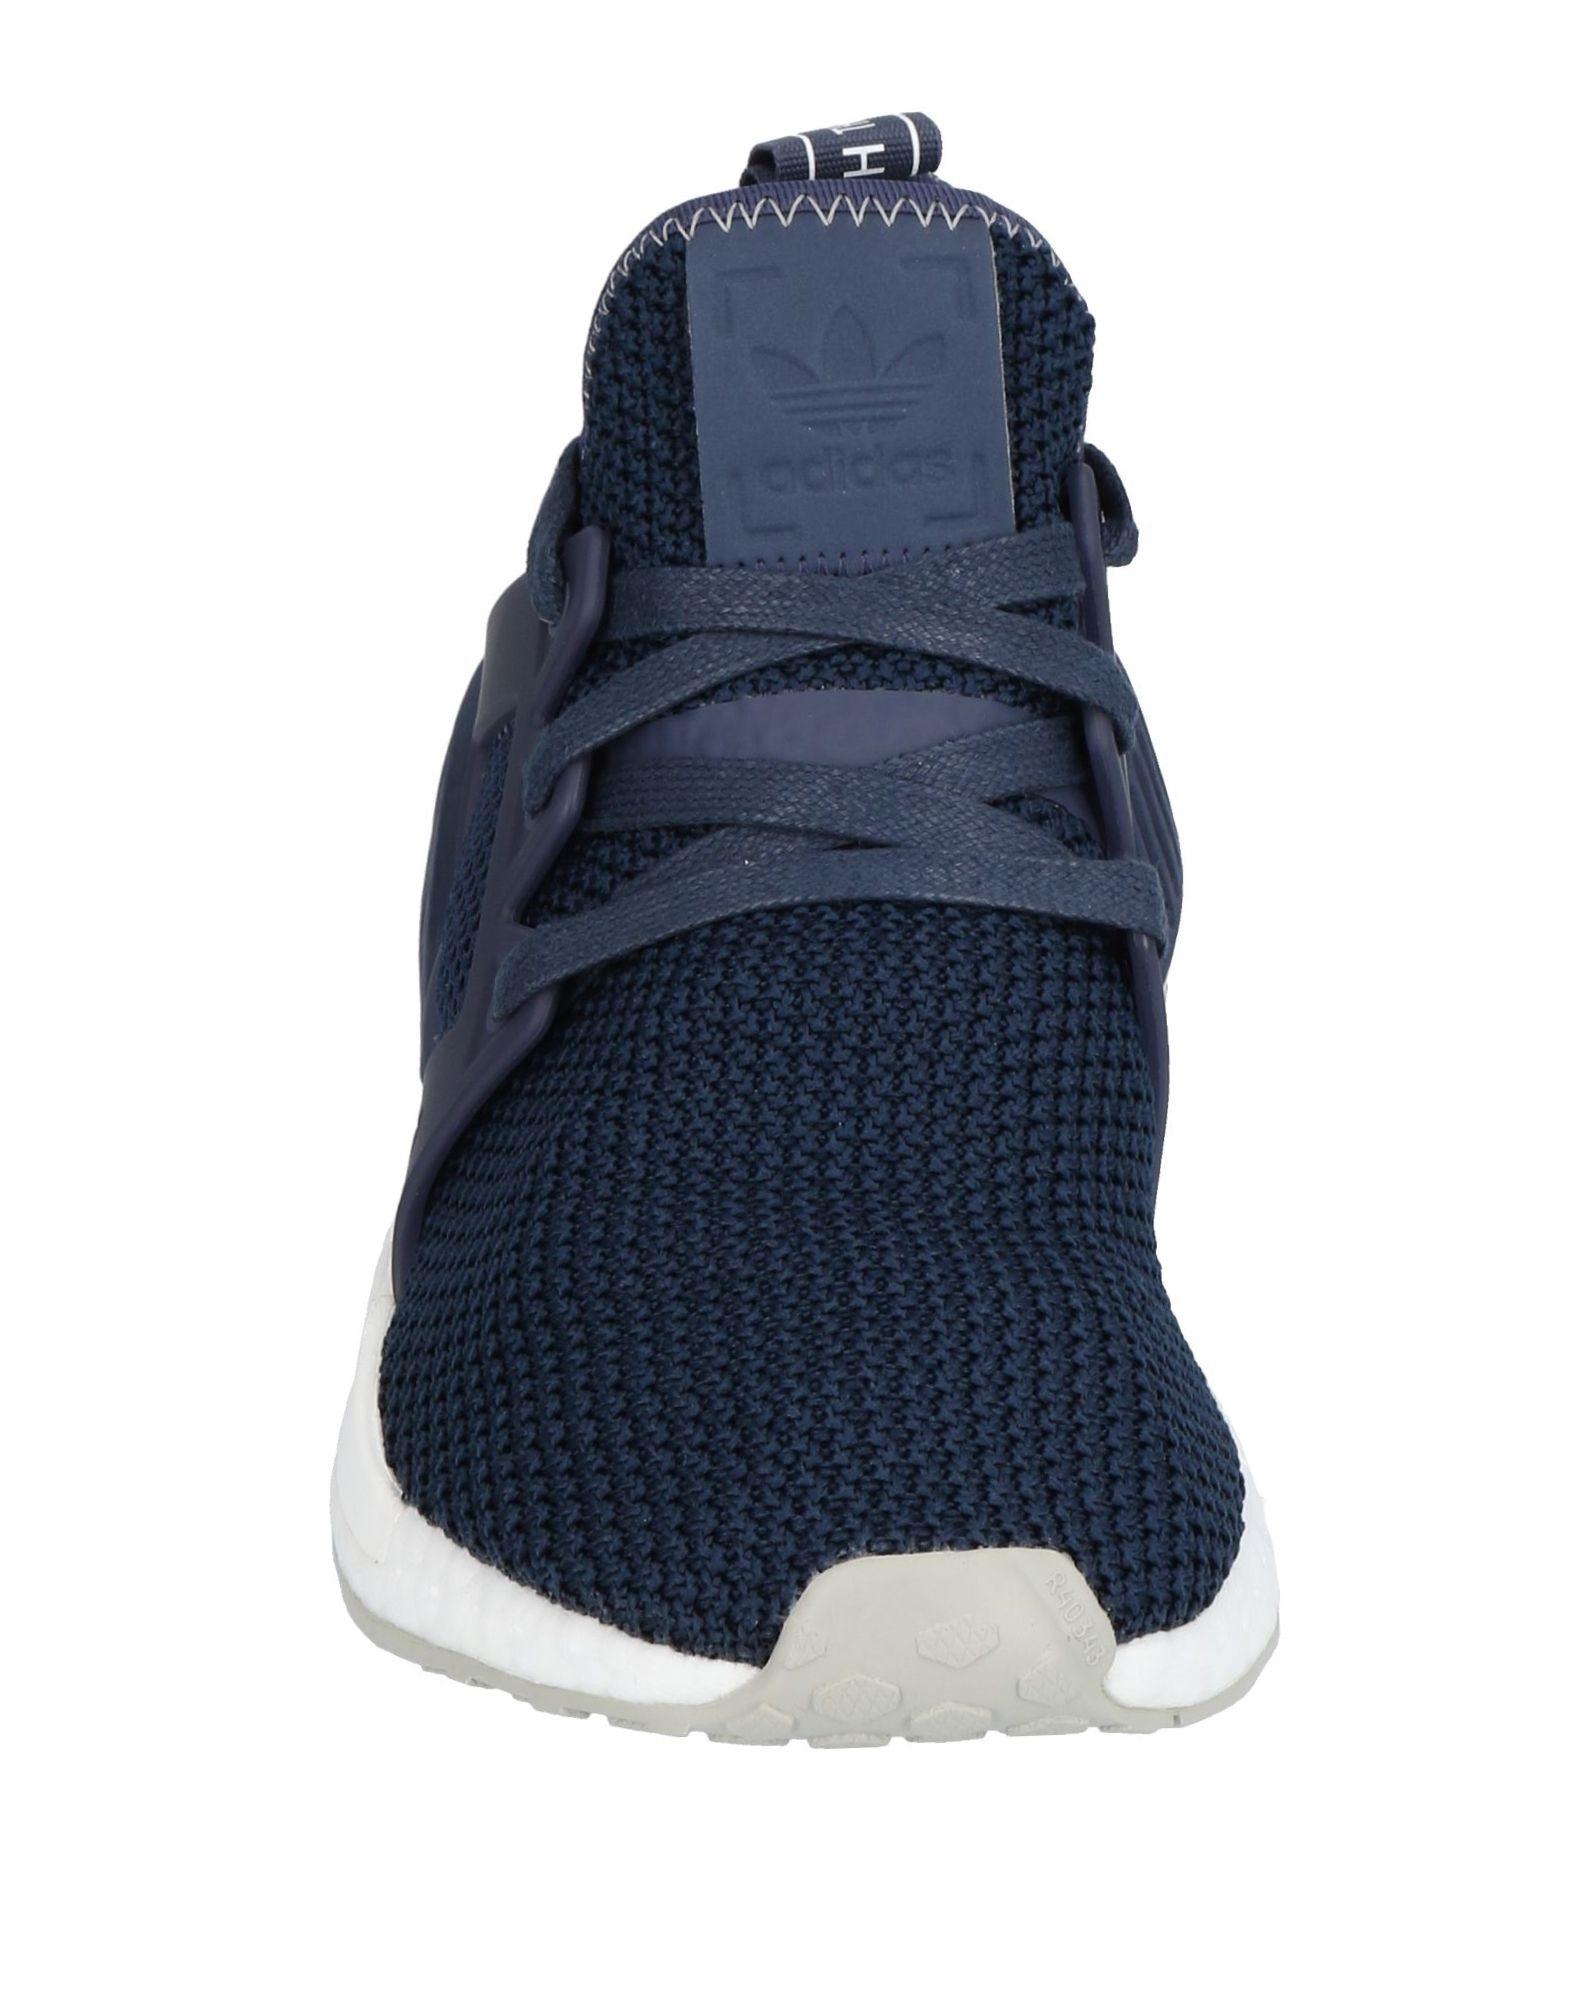 Scarpe economiche e resistenti Sneakers Adidas Donna - 11459386US